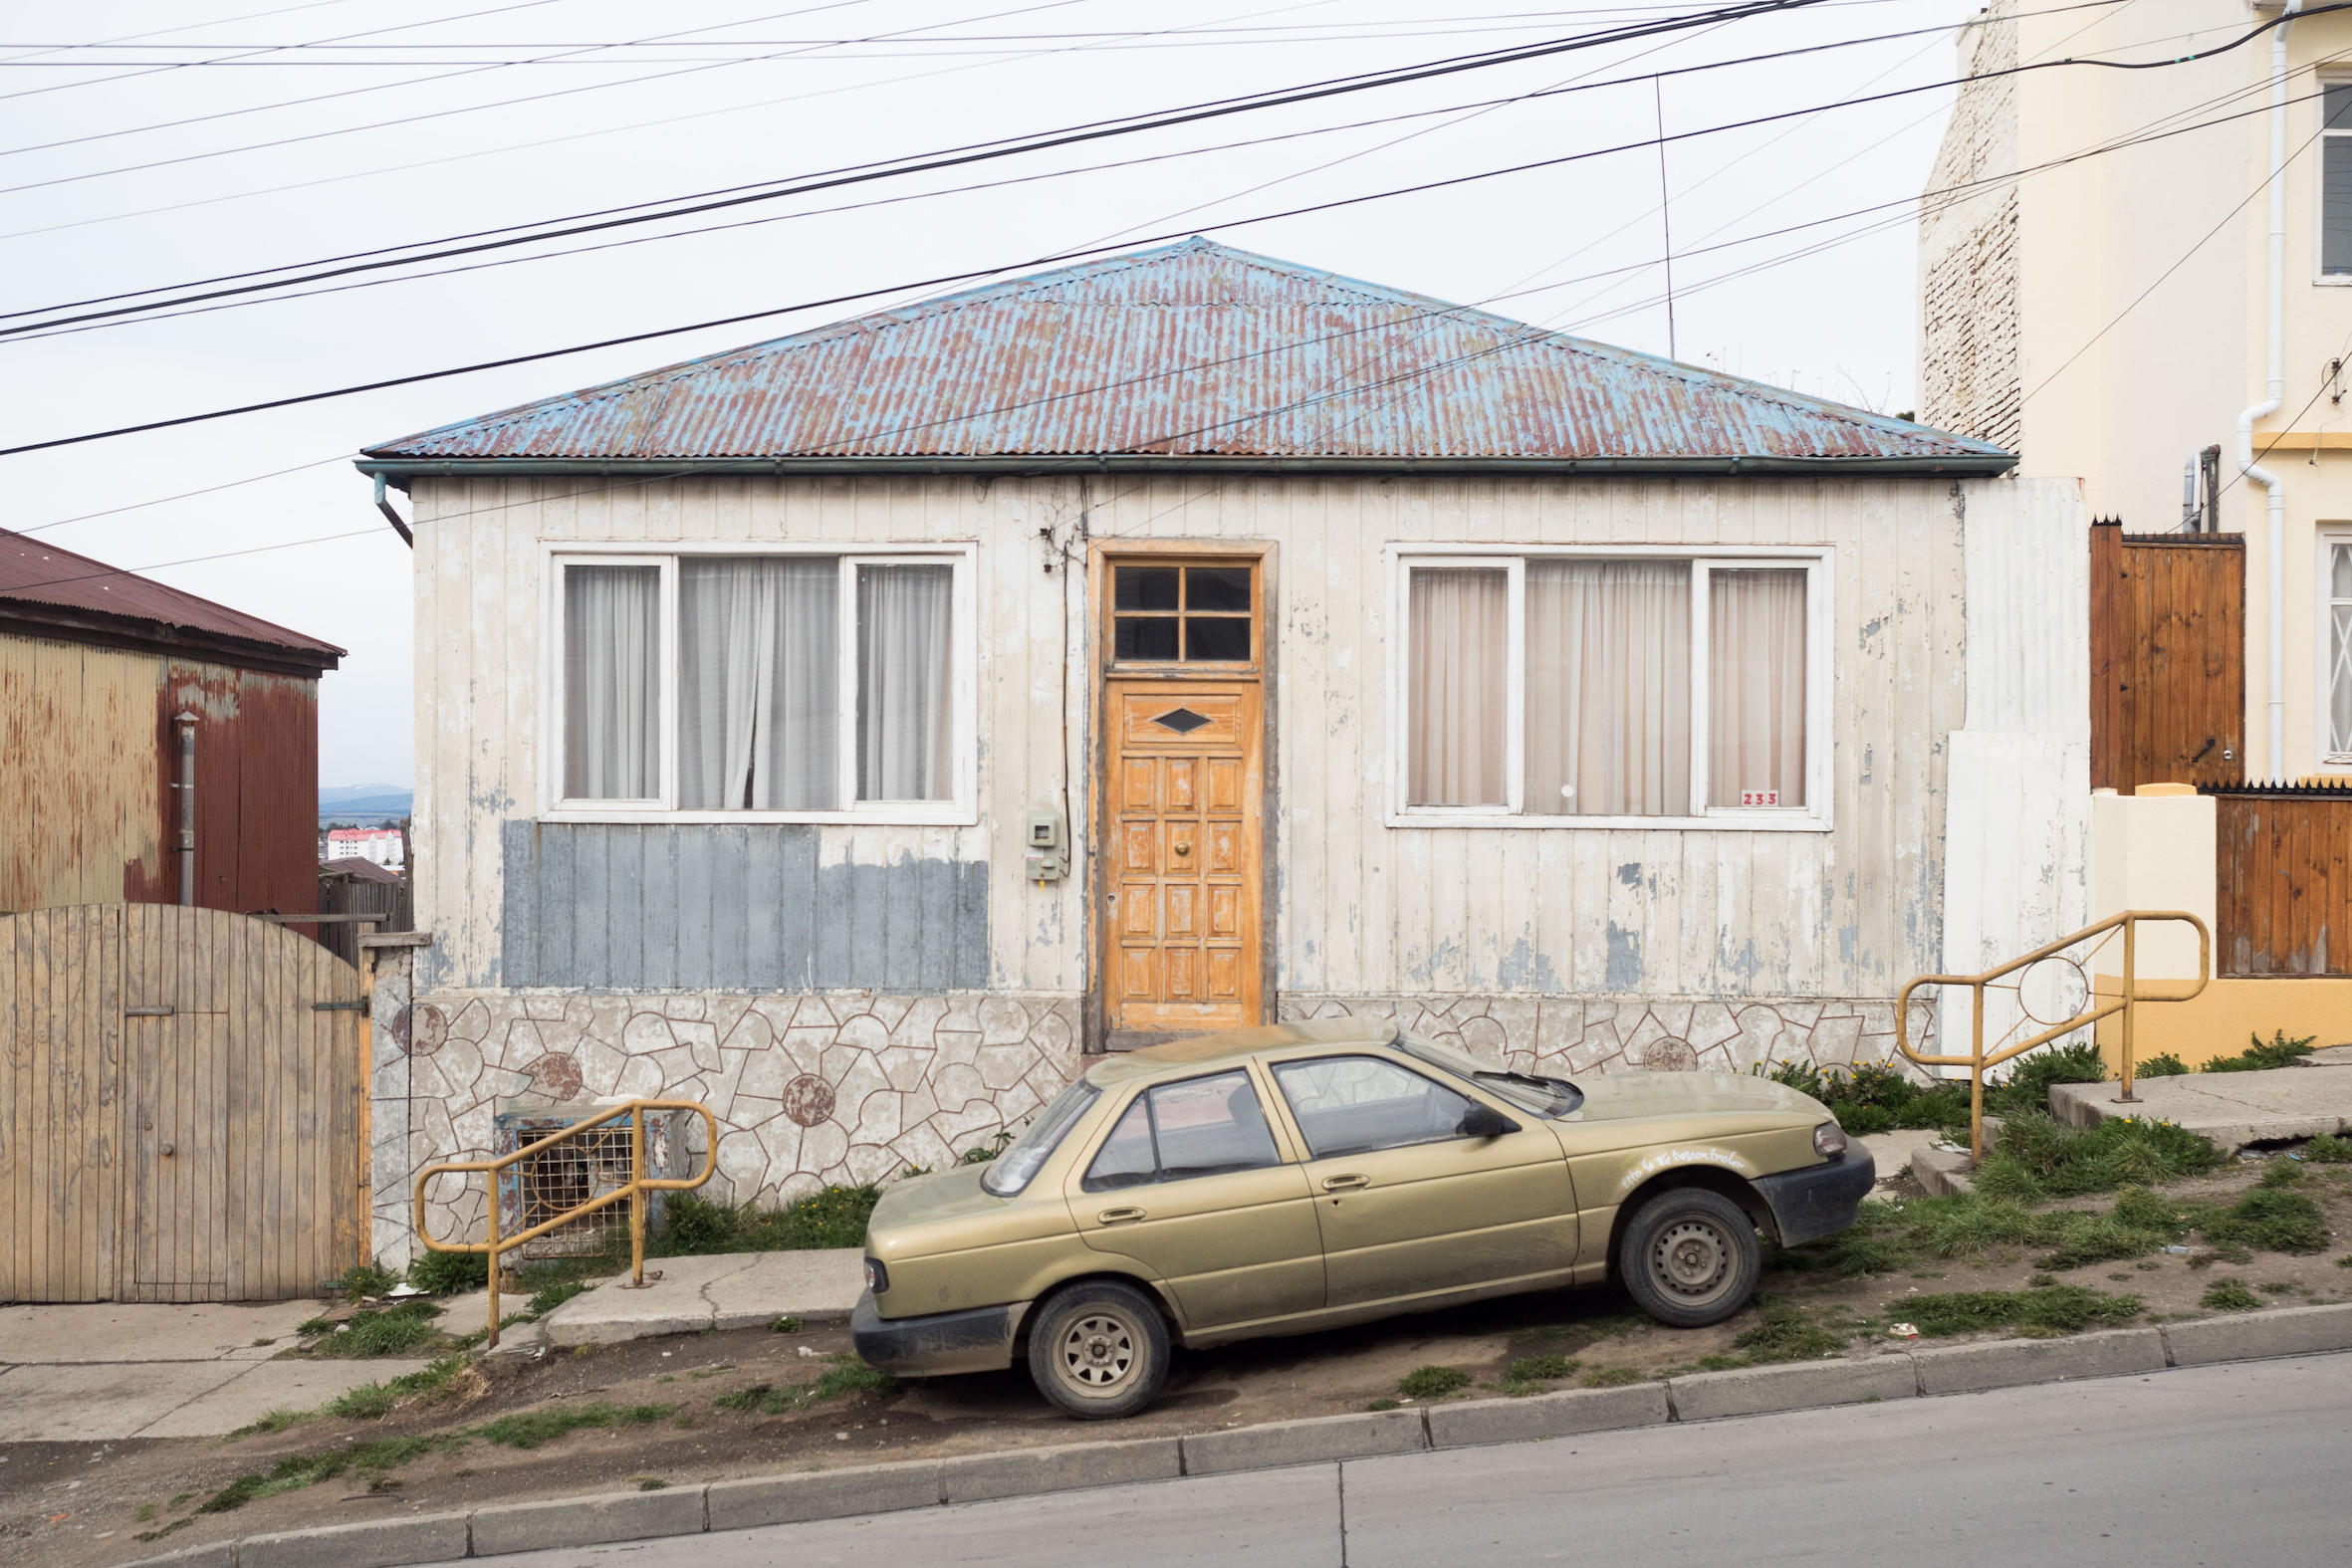 09 Sortie d'Egypte | Urban Pix